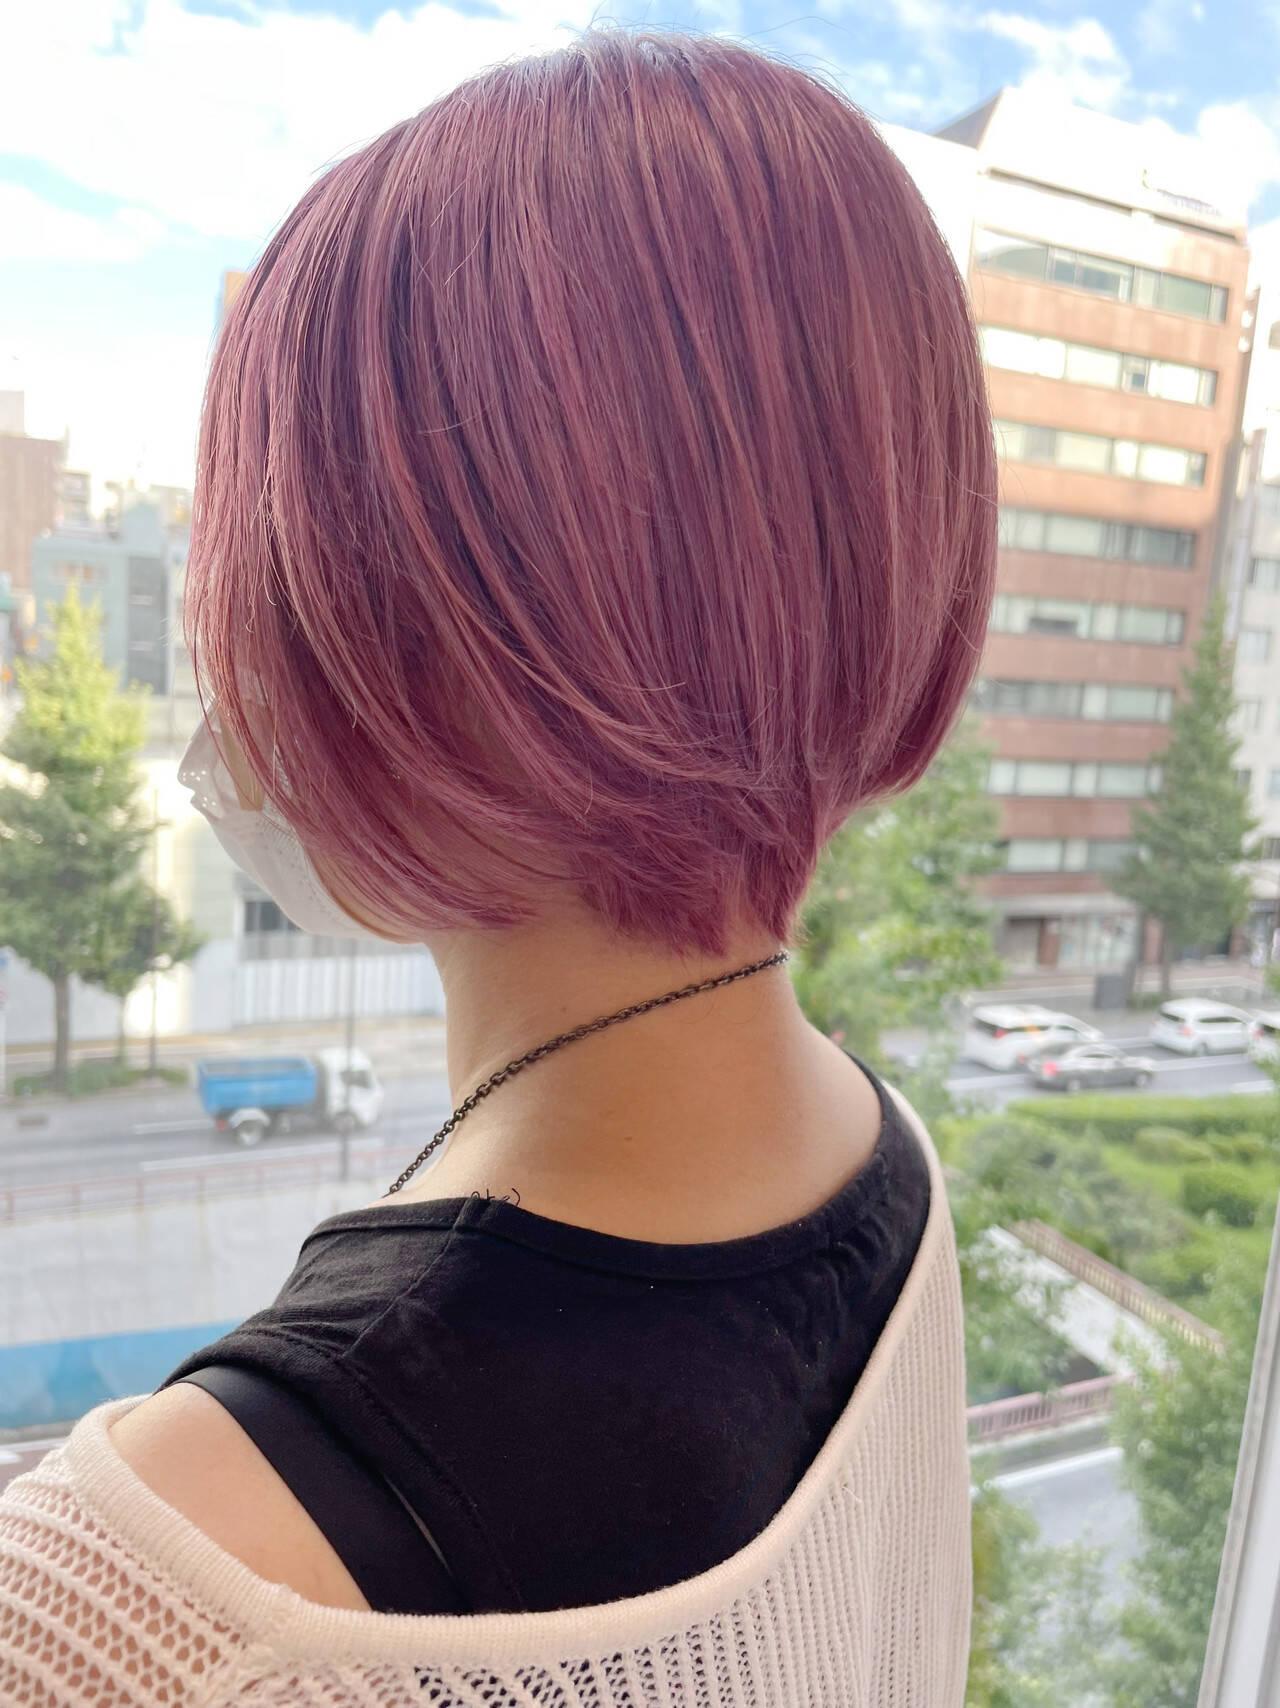 韓国ヘア 韓国風ヘアー ピンク ショートボブヘアスタイルや髪型の写真・画像